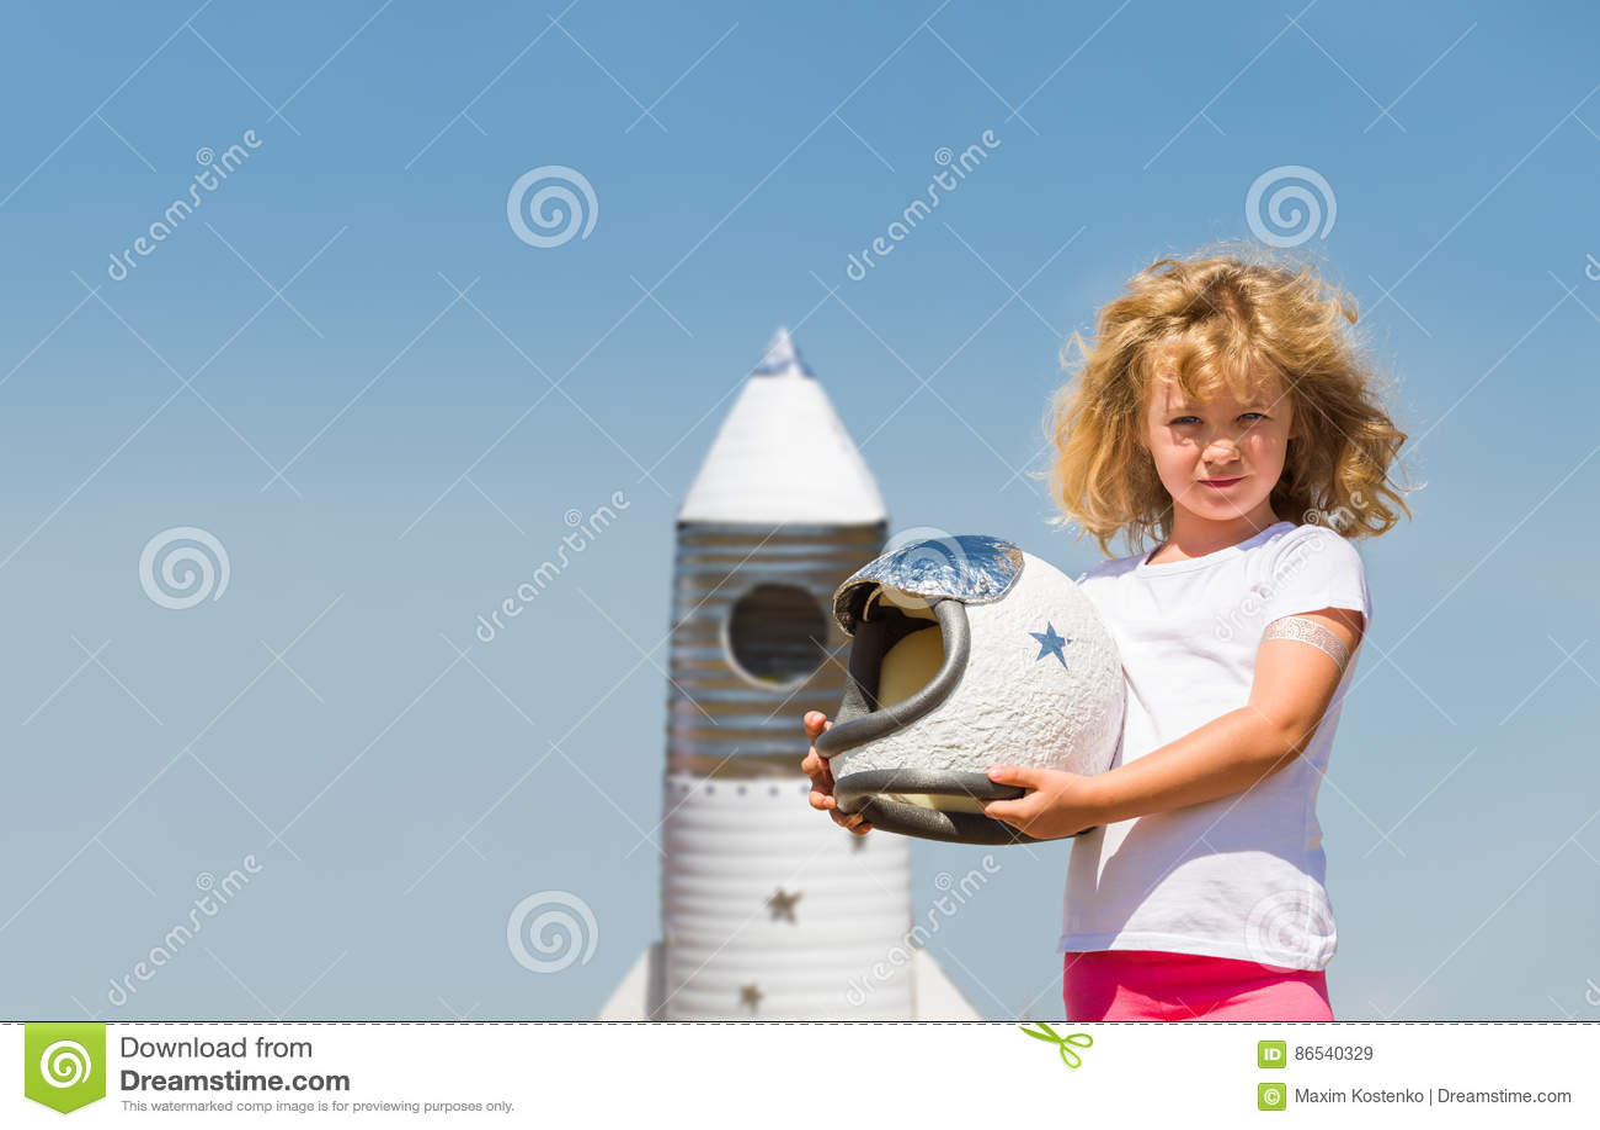 Πορτρέτο του ξανθού μικρού κοριτσιού σε ένα κοστούμι αστροναυτών με τον πύραυλο παιχνιδιών που ονειρεύεται να γίνει spacemen